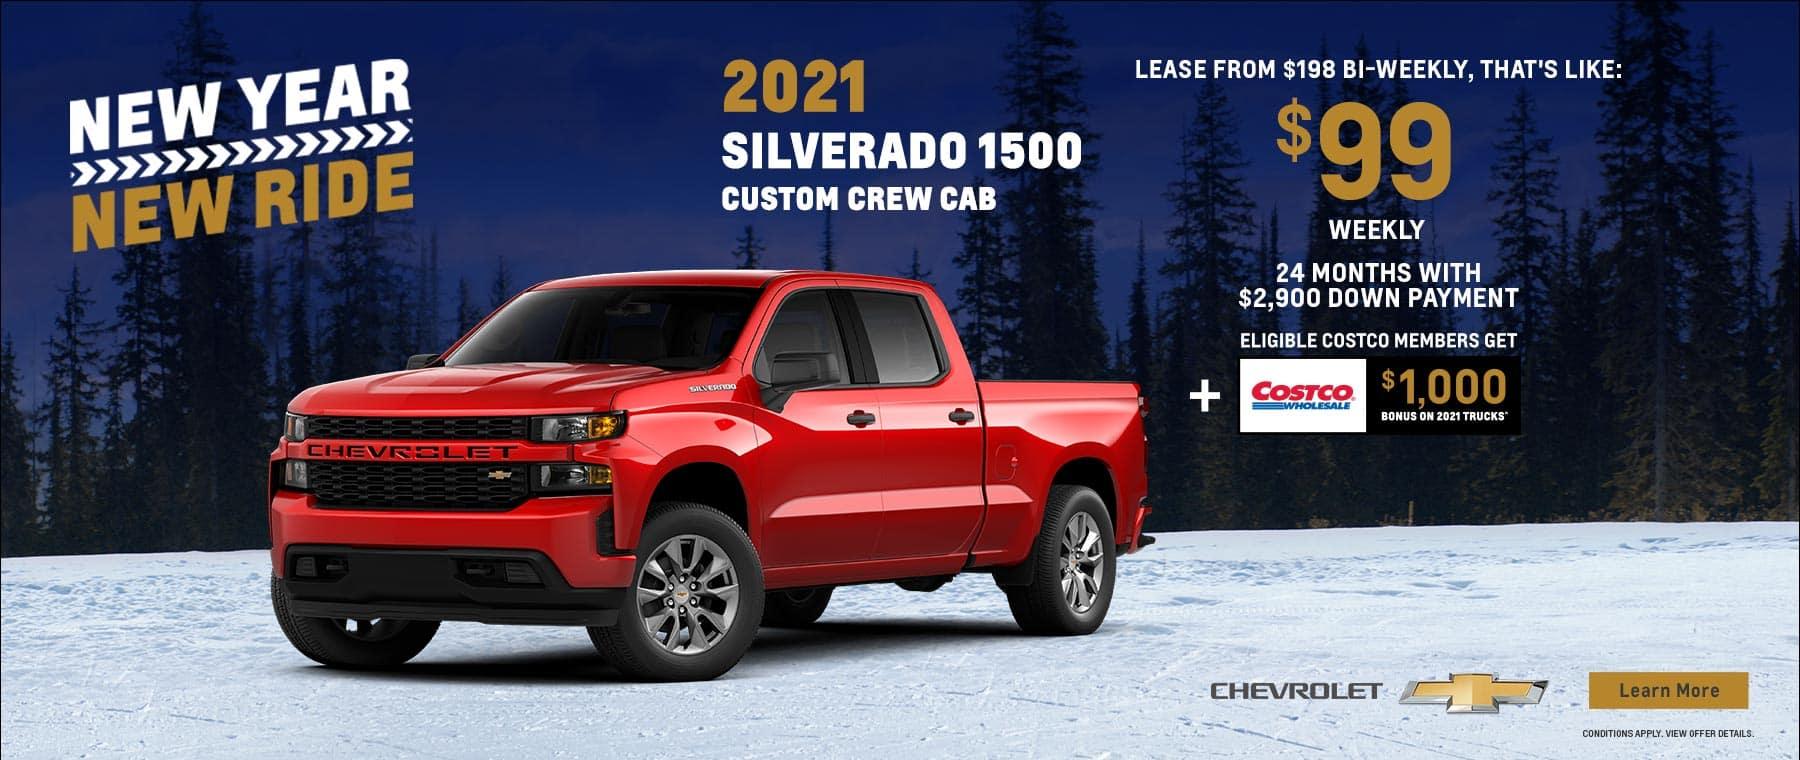 2021_JAN_ATL_Chevy_T3_EN_1800x760_Silverado1500